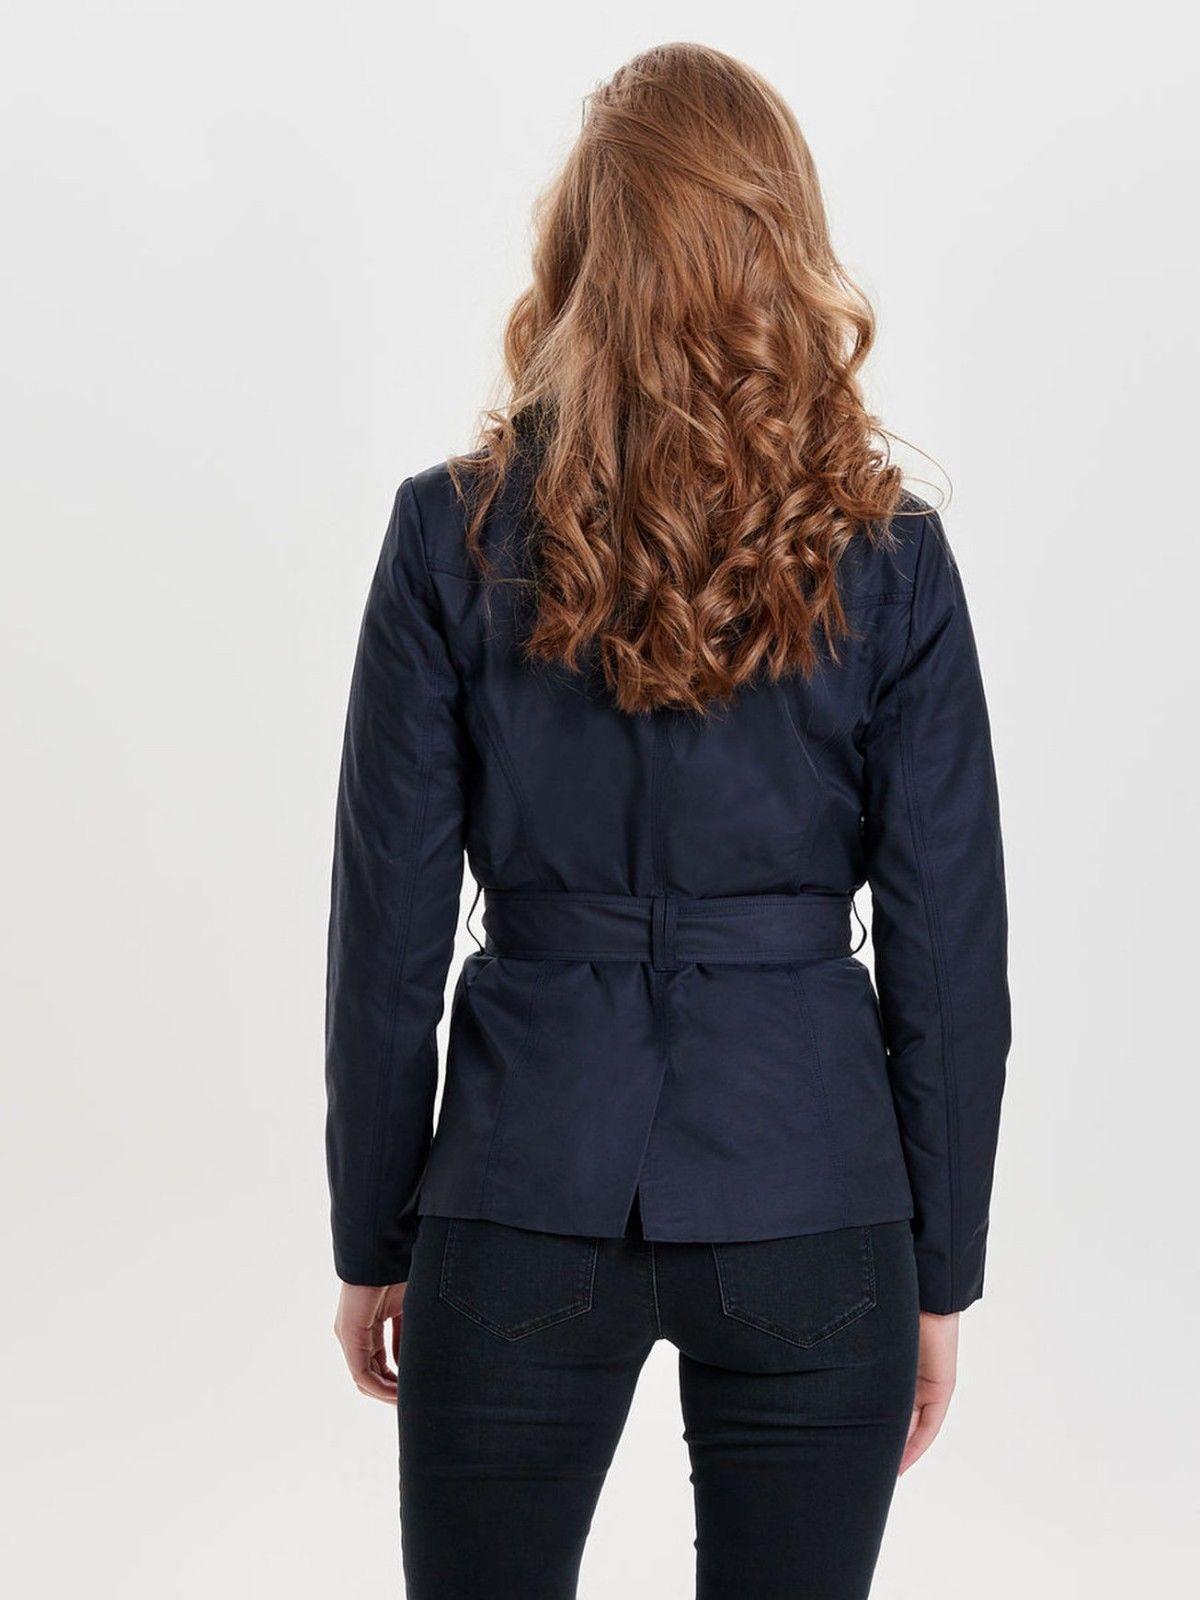 online store f8ed0 addcd Cappotti e giacche Only Piumino Cappotto Donna Blu Night Sky ...